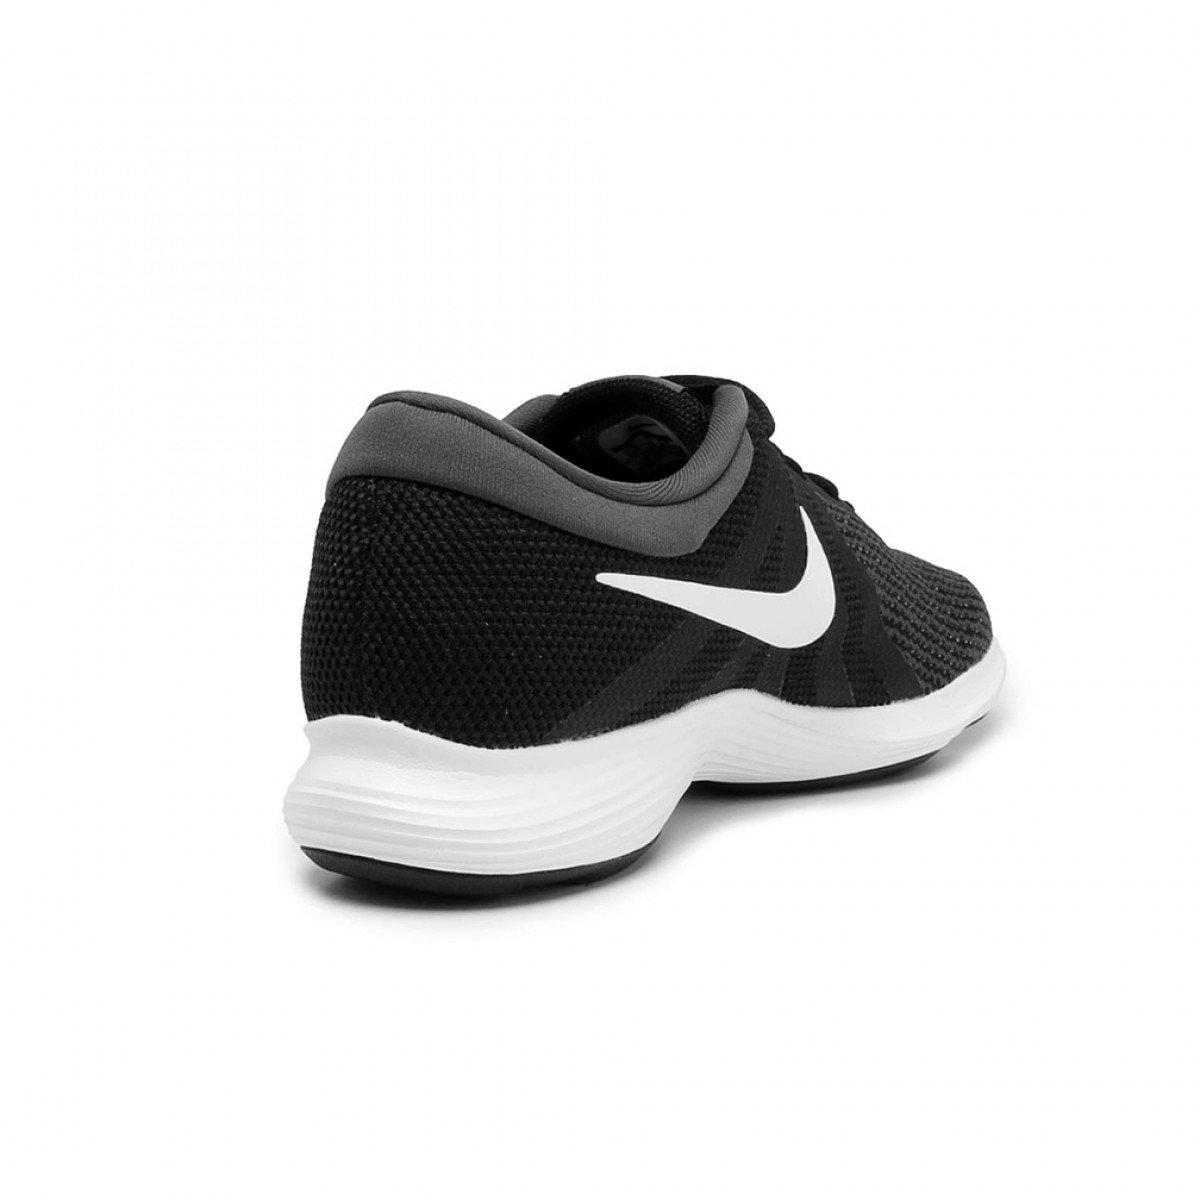 194098f7f85 Tênis Nike Revolution 4 Preto e Branco Masculino - Compre Agora ...